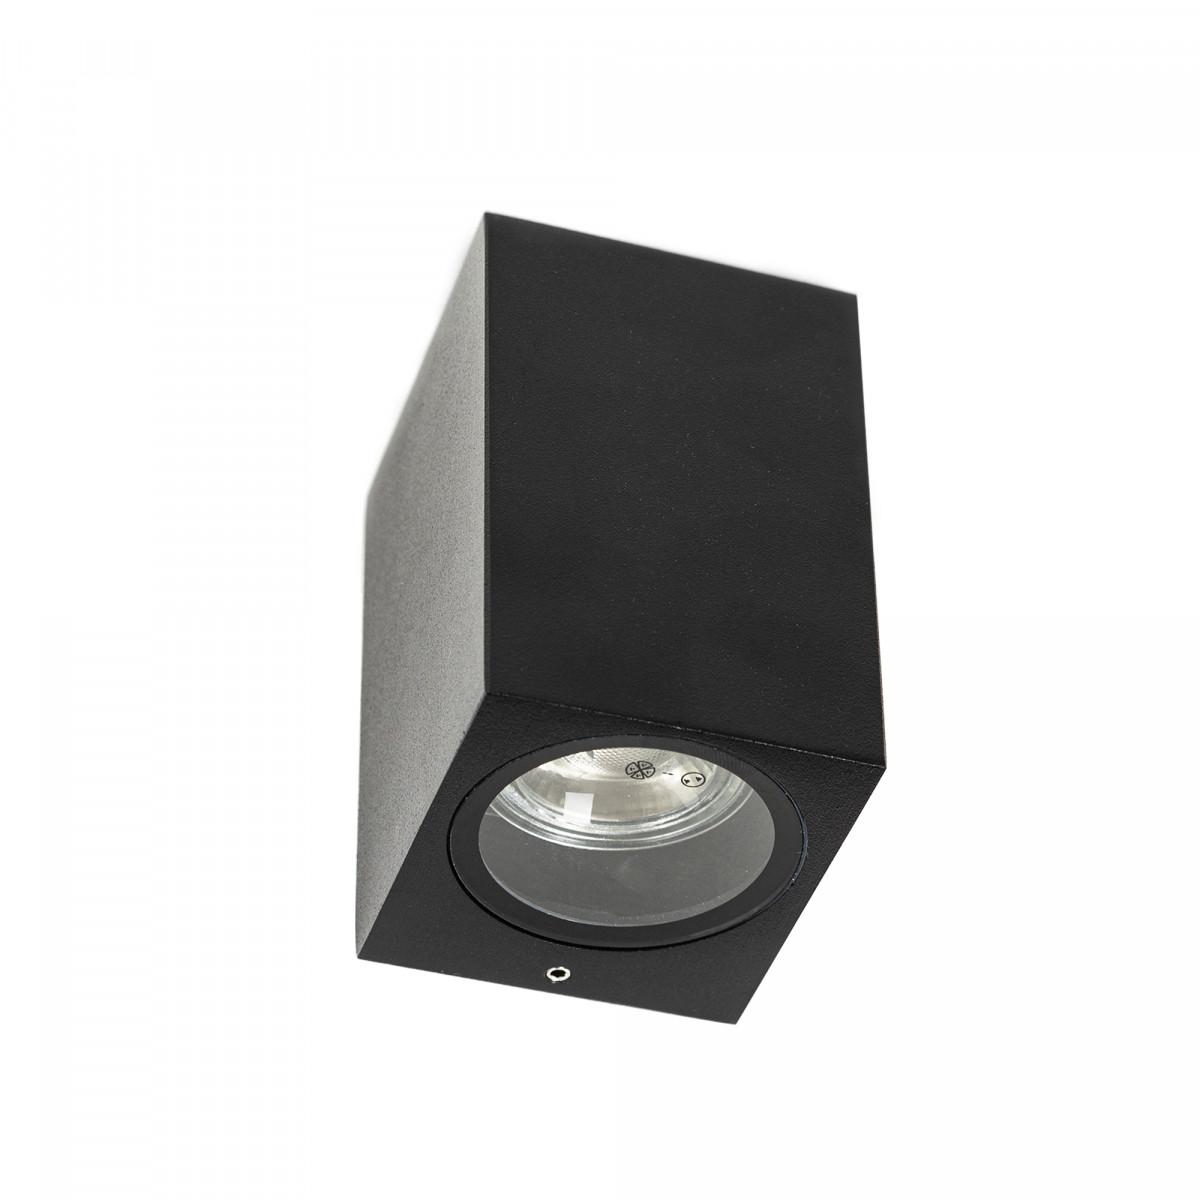 Gevelverlichting Geo downlighter wandspot zwart, buitenverlichting voor het verlichten van gevels, strak vormgegeven, hoge kwaliteit, scherpe prijs, KS Verlichting